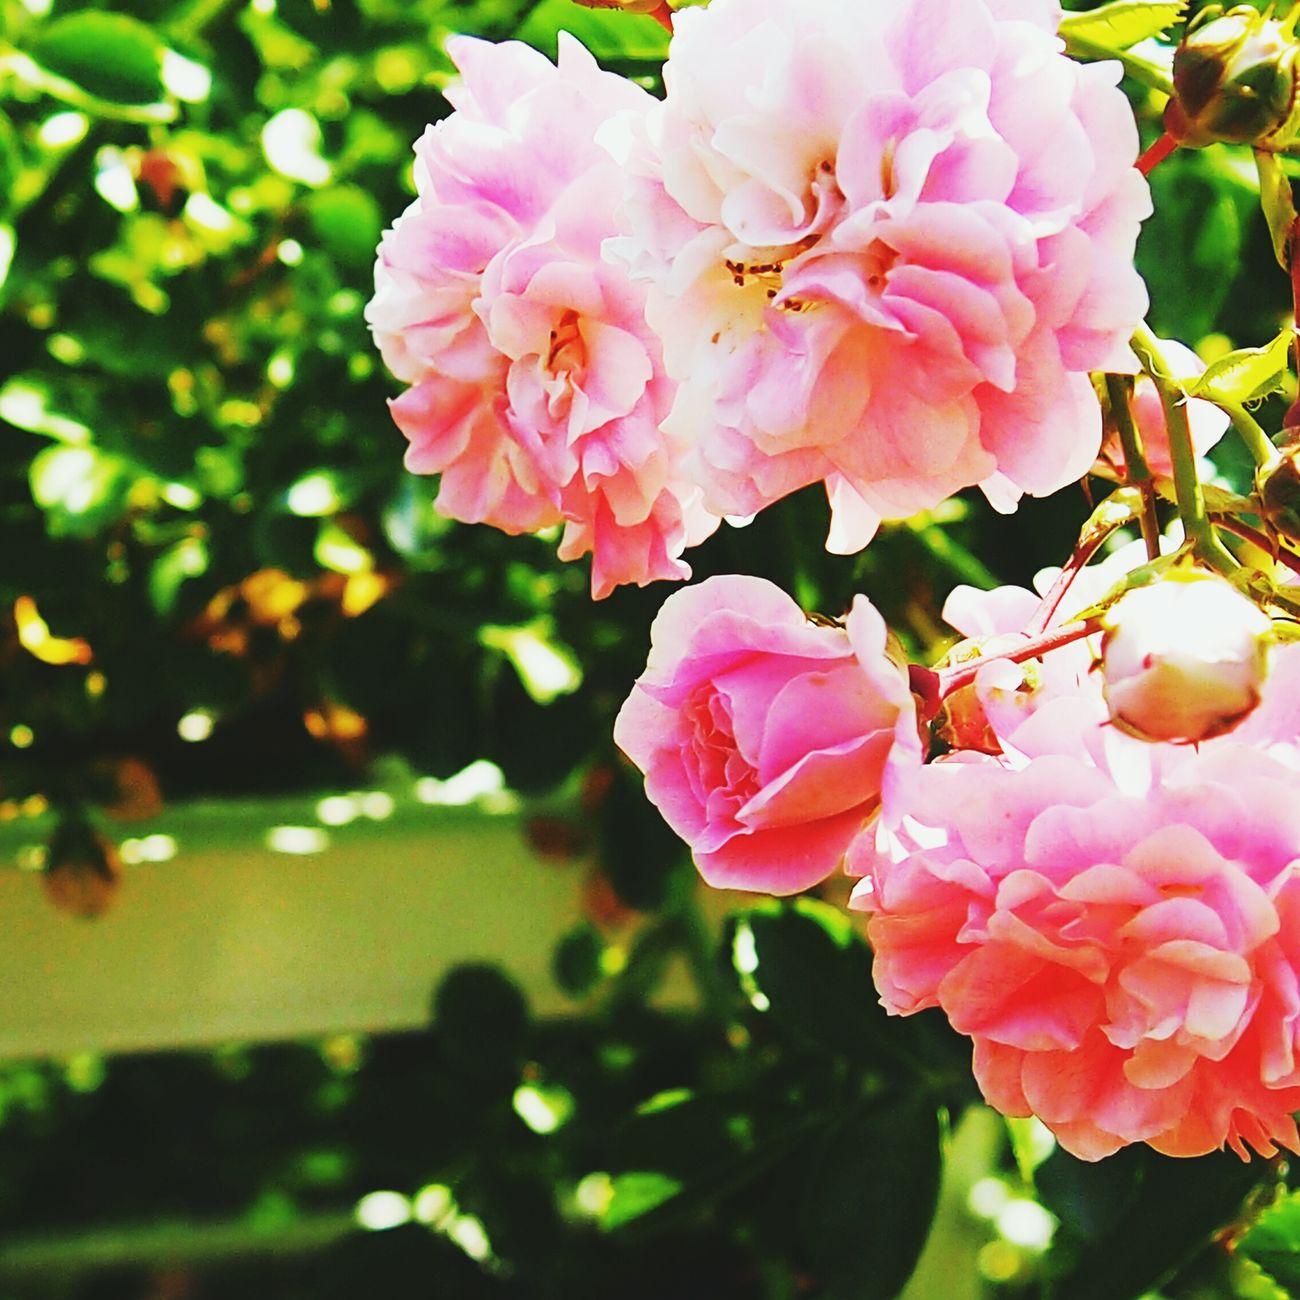 暑さなんて感じない(今年最高気温) Enjoying The Sun Picking Flowers  Gardening First Eyeem Photo